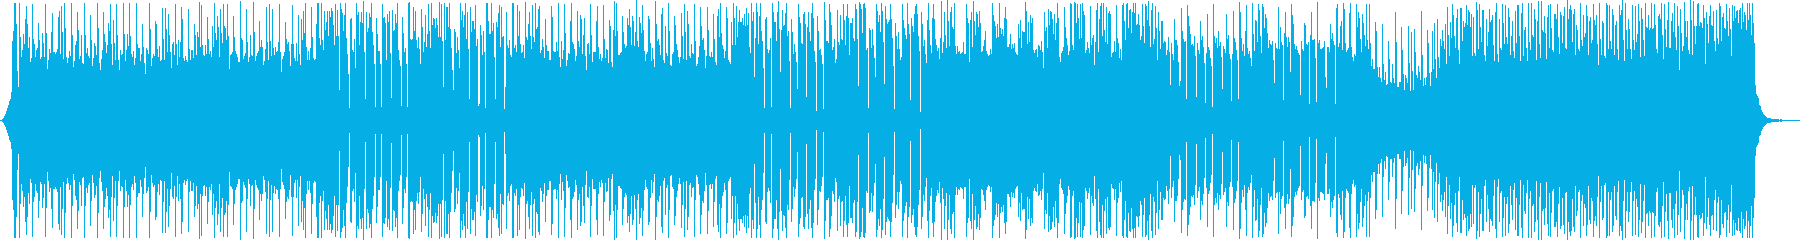 重低音が中毒性あるかっこいいメロディーの再生済みの波形